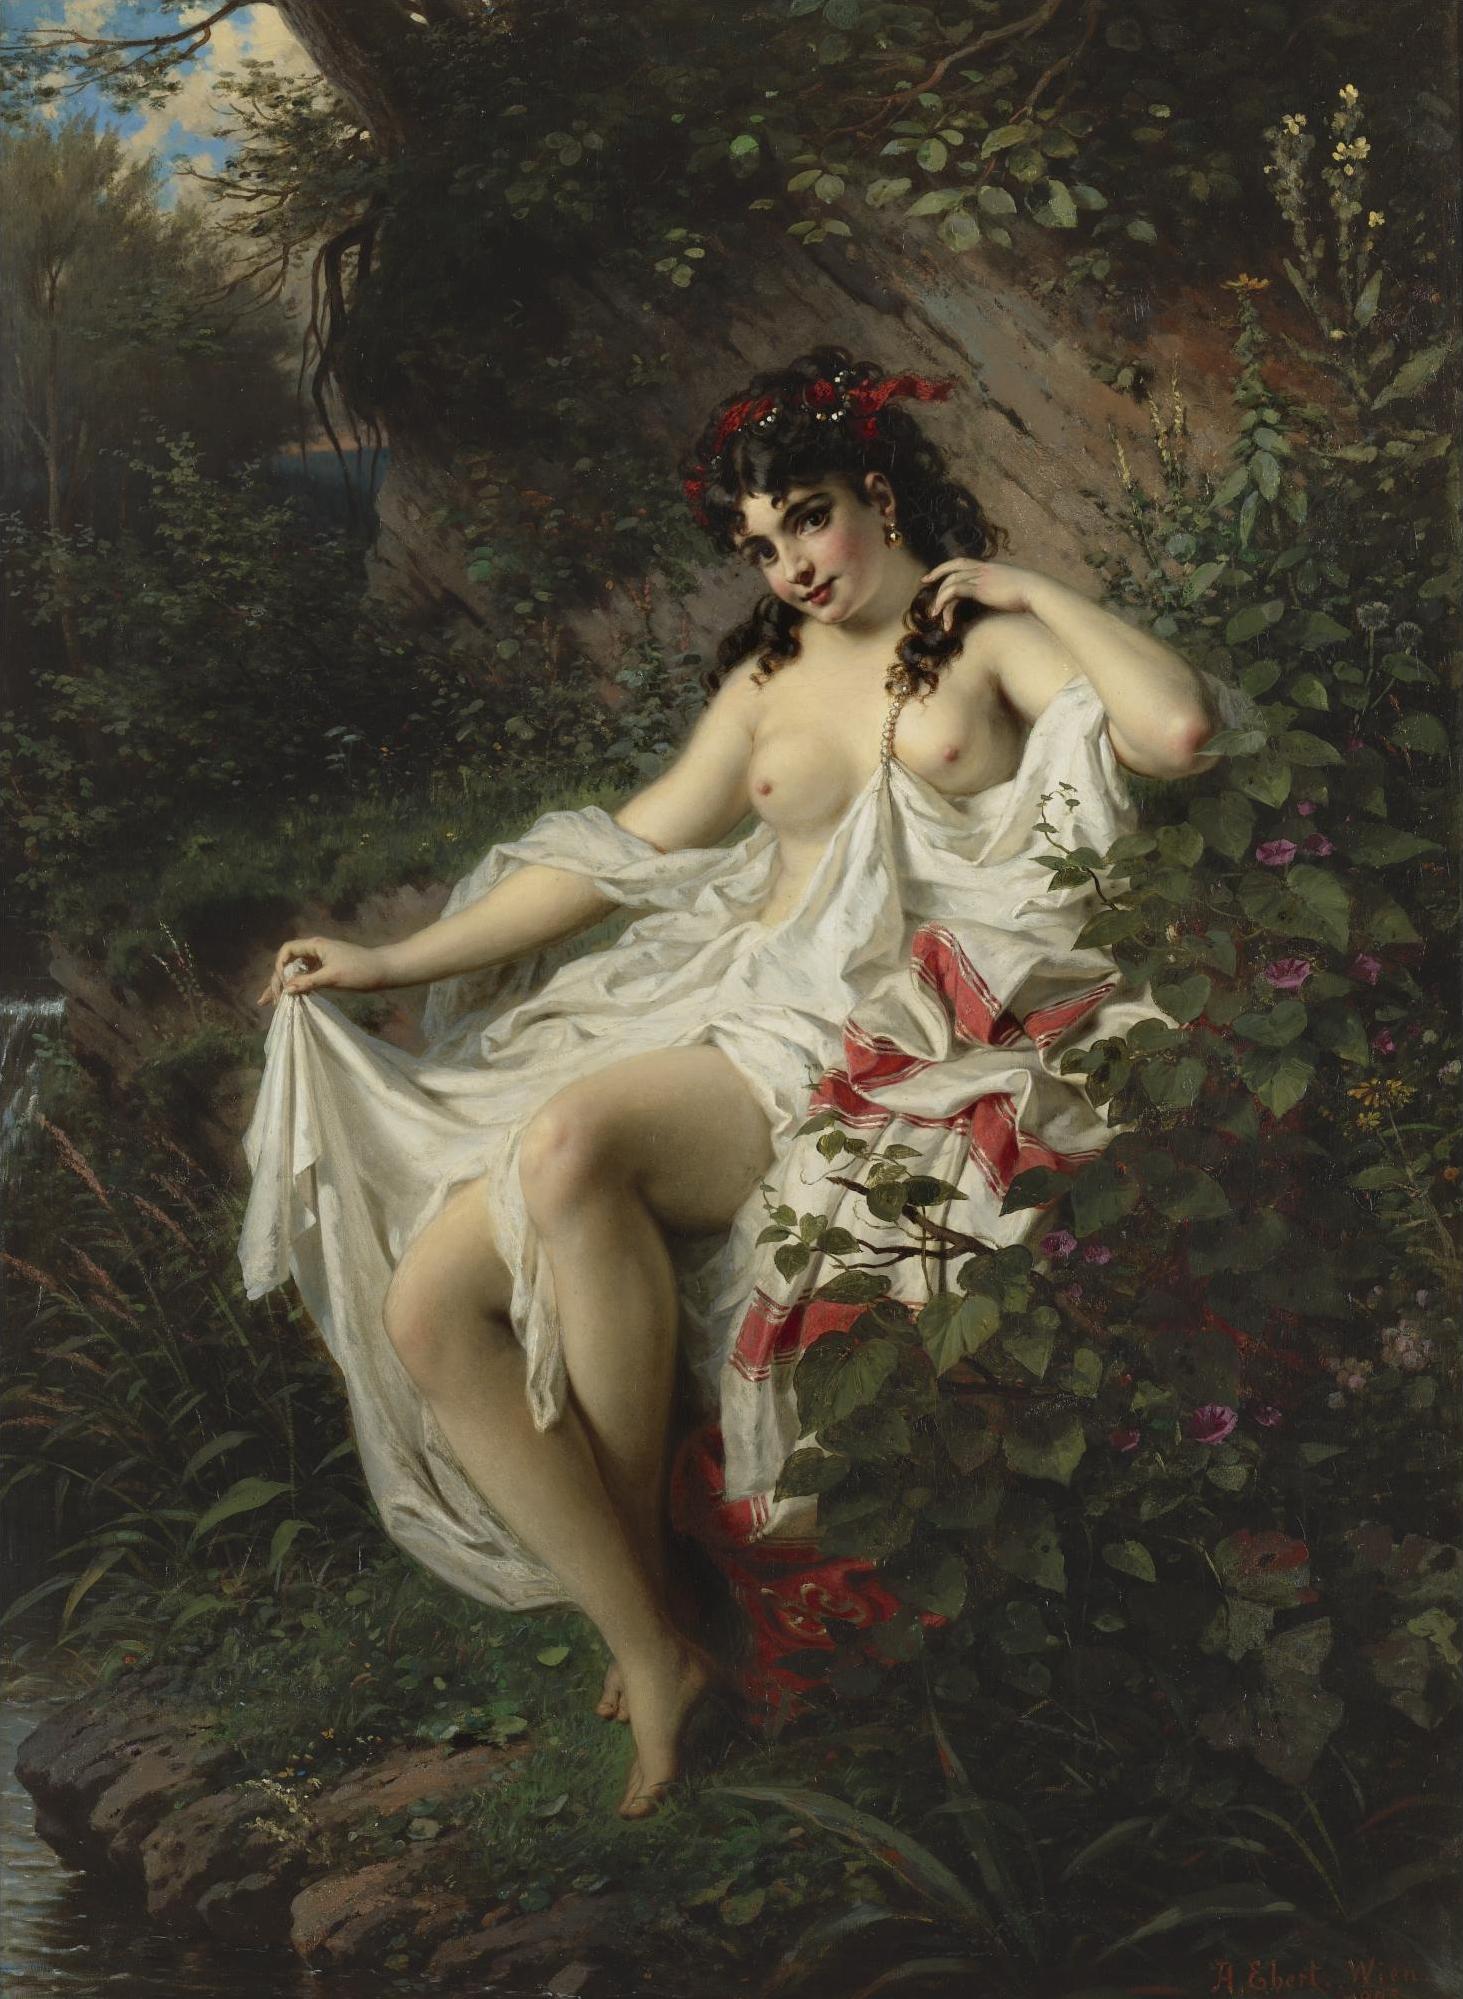 Anton Ebert, 1845–1896. Весна в лесу. 1875. 106 х 74.6 см. Частная коллекция